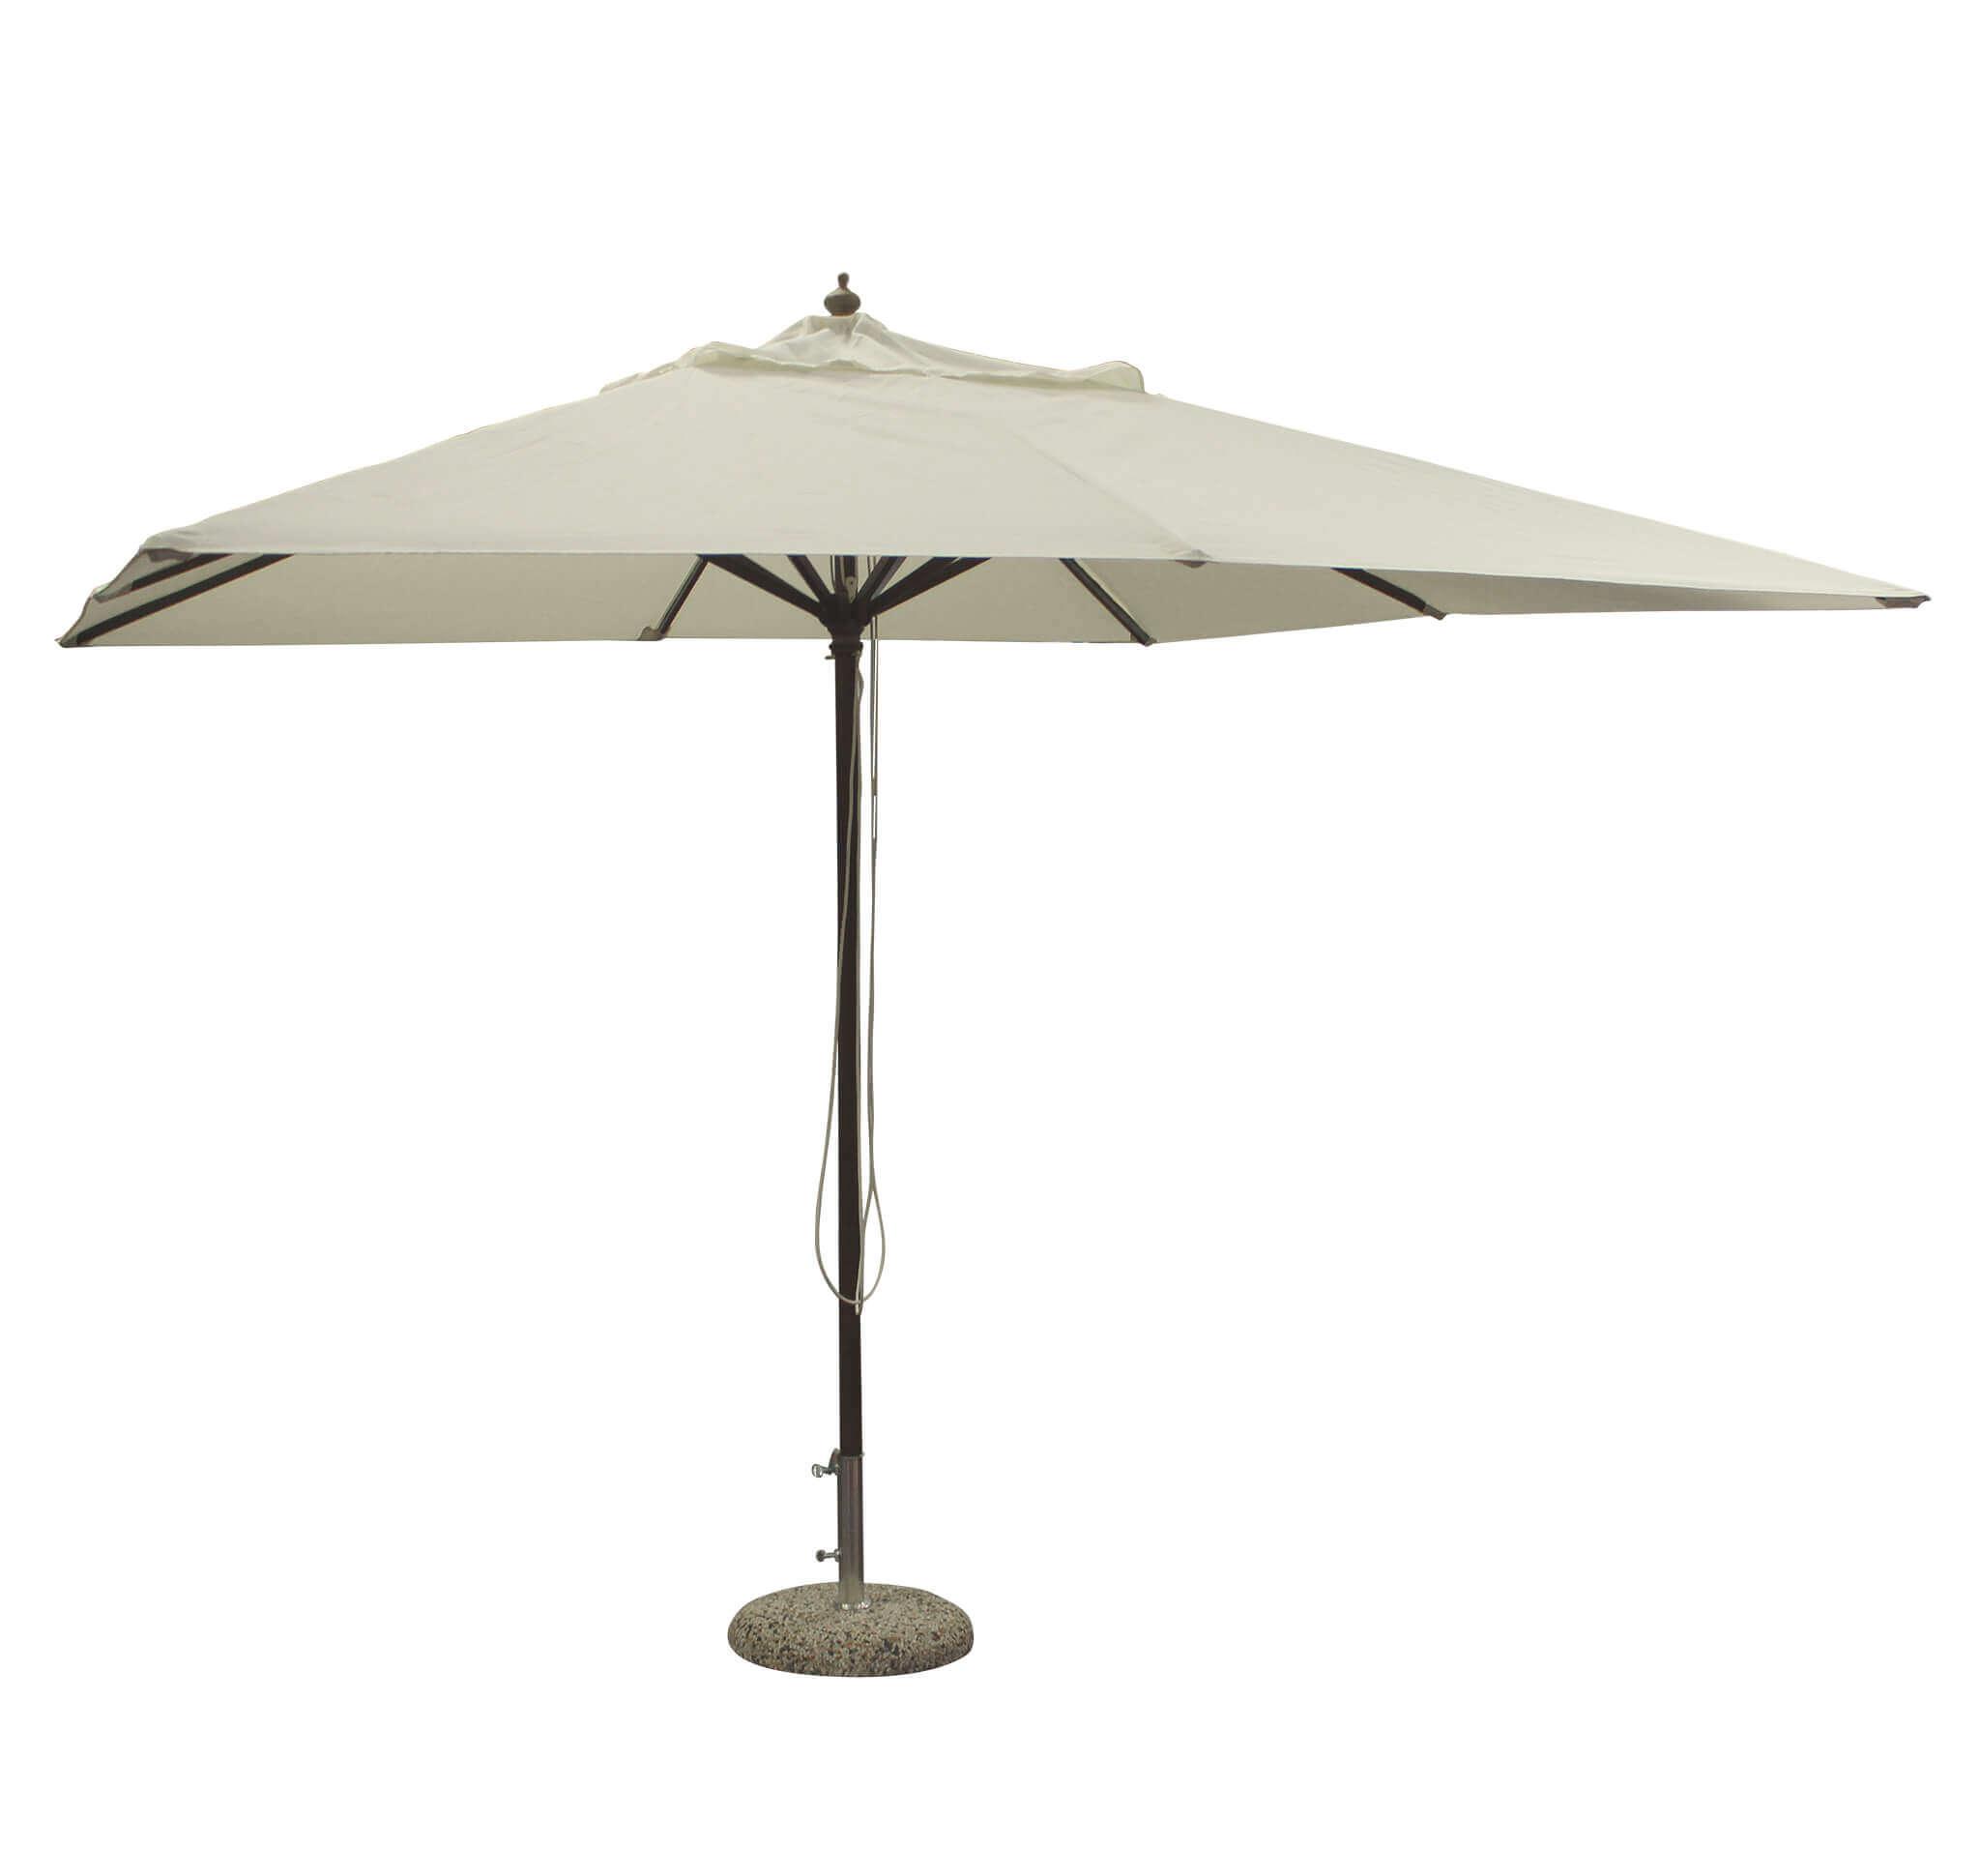 Milani Home STATUS - ombrellone da giardino 3 x 3 palo centrale in legno